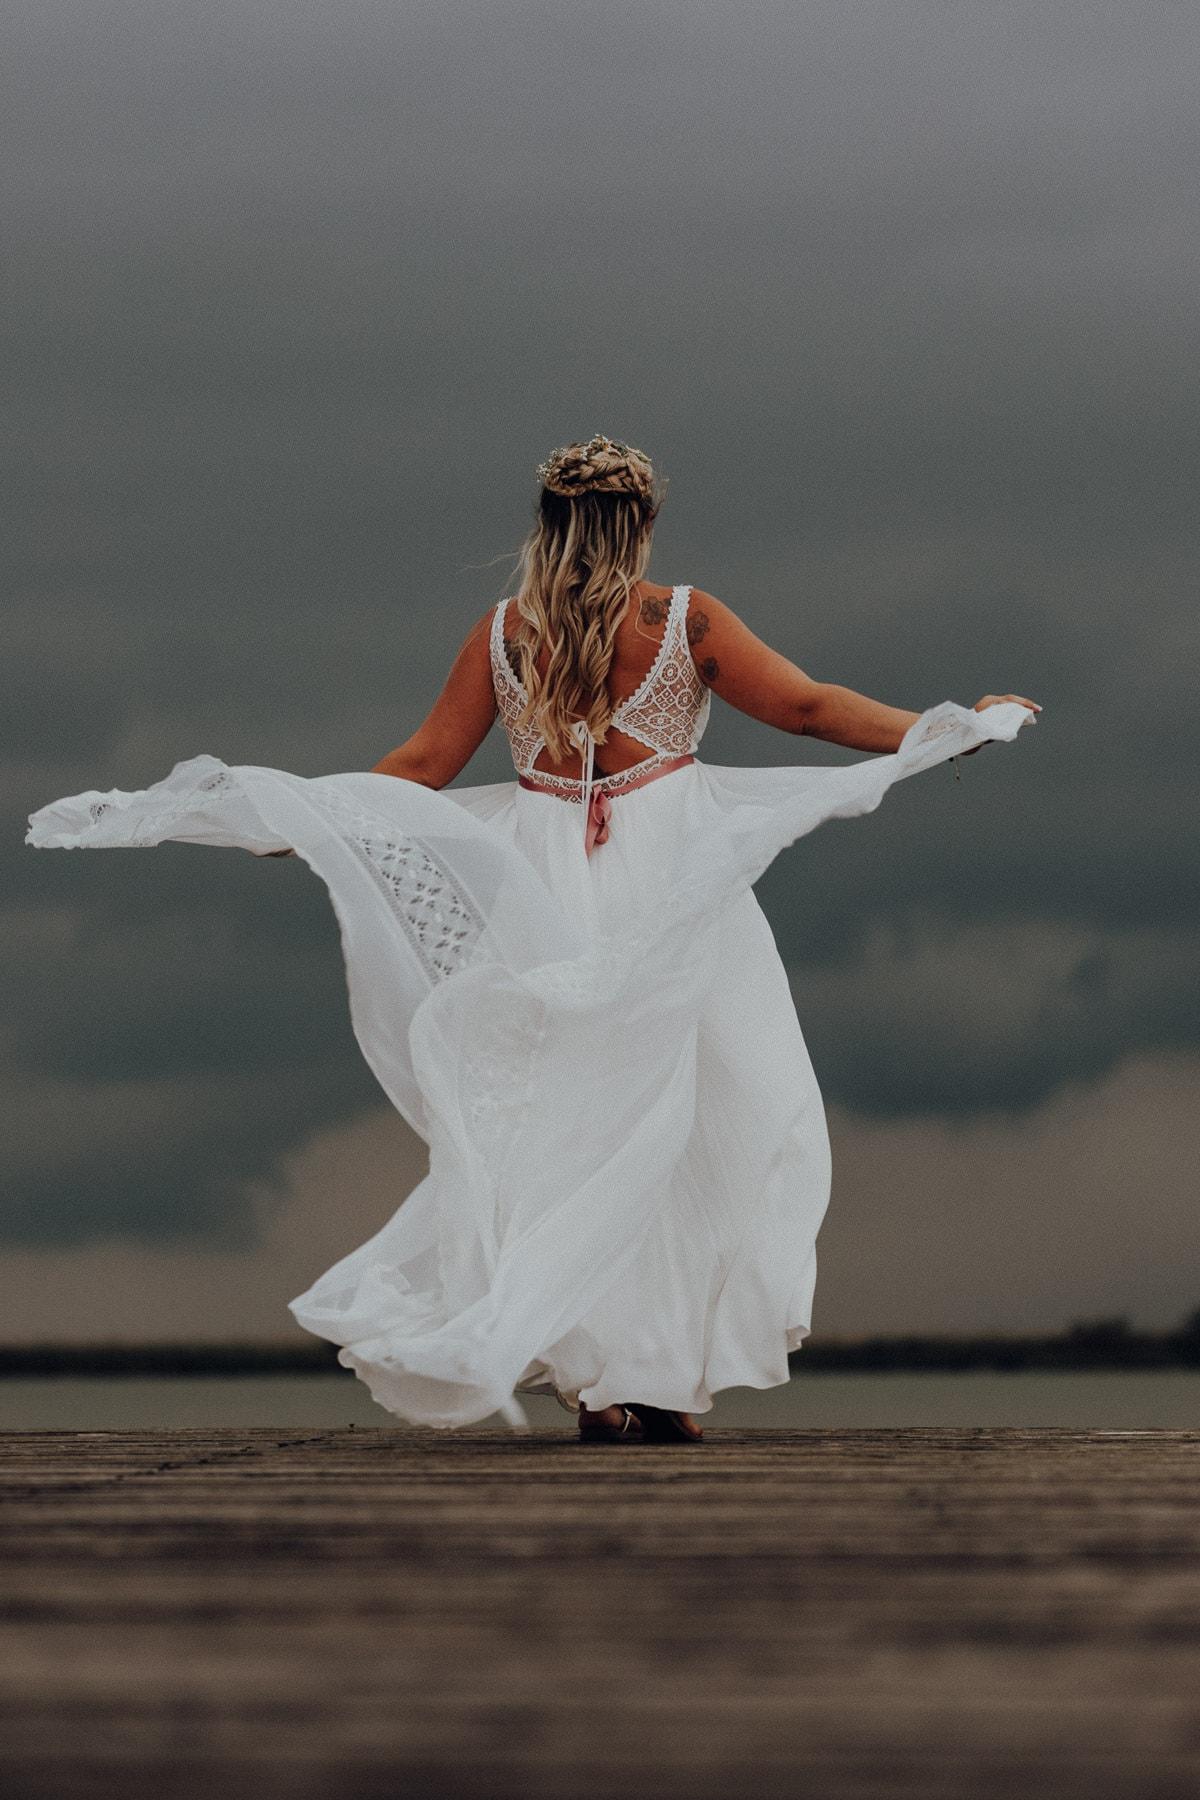 Hochzeitsfotograf, Burgenland, Neusiedl, Jois, Neusiedler See, Hochzeitsfeier, Fotograf, Vintage, Seejungfrau, Brautpaarfotos, Braut, Hochzeitskleid, See